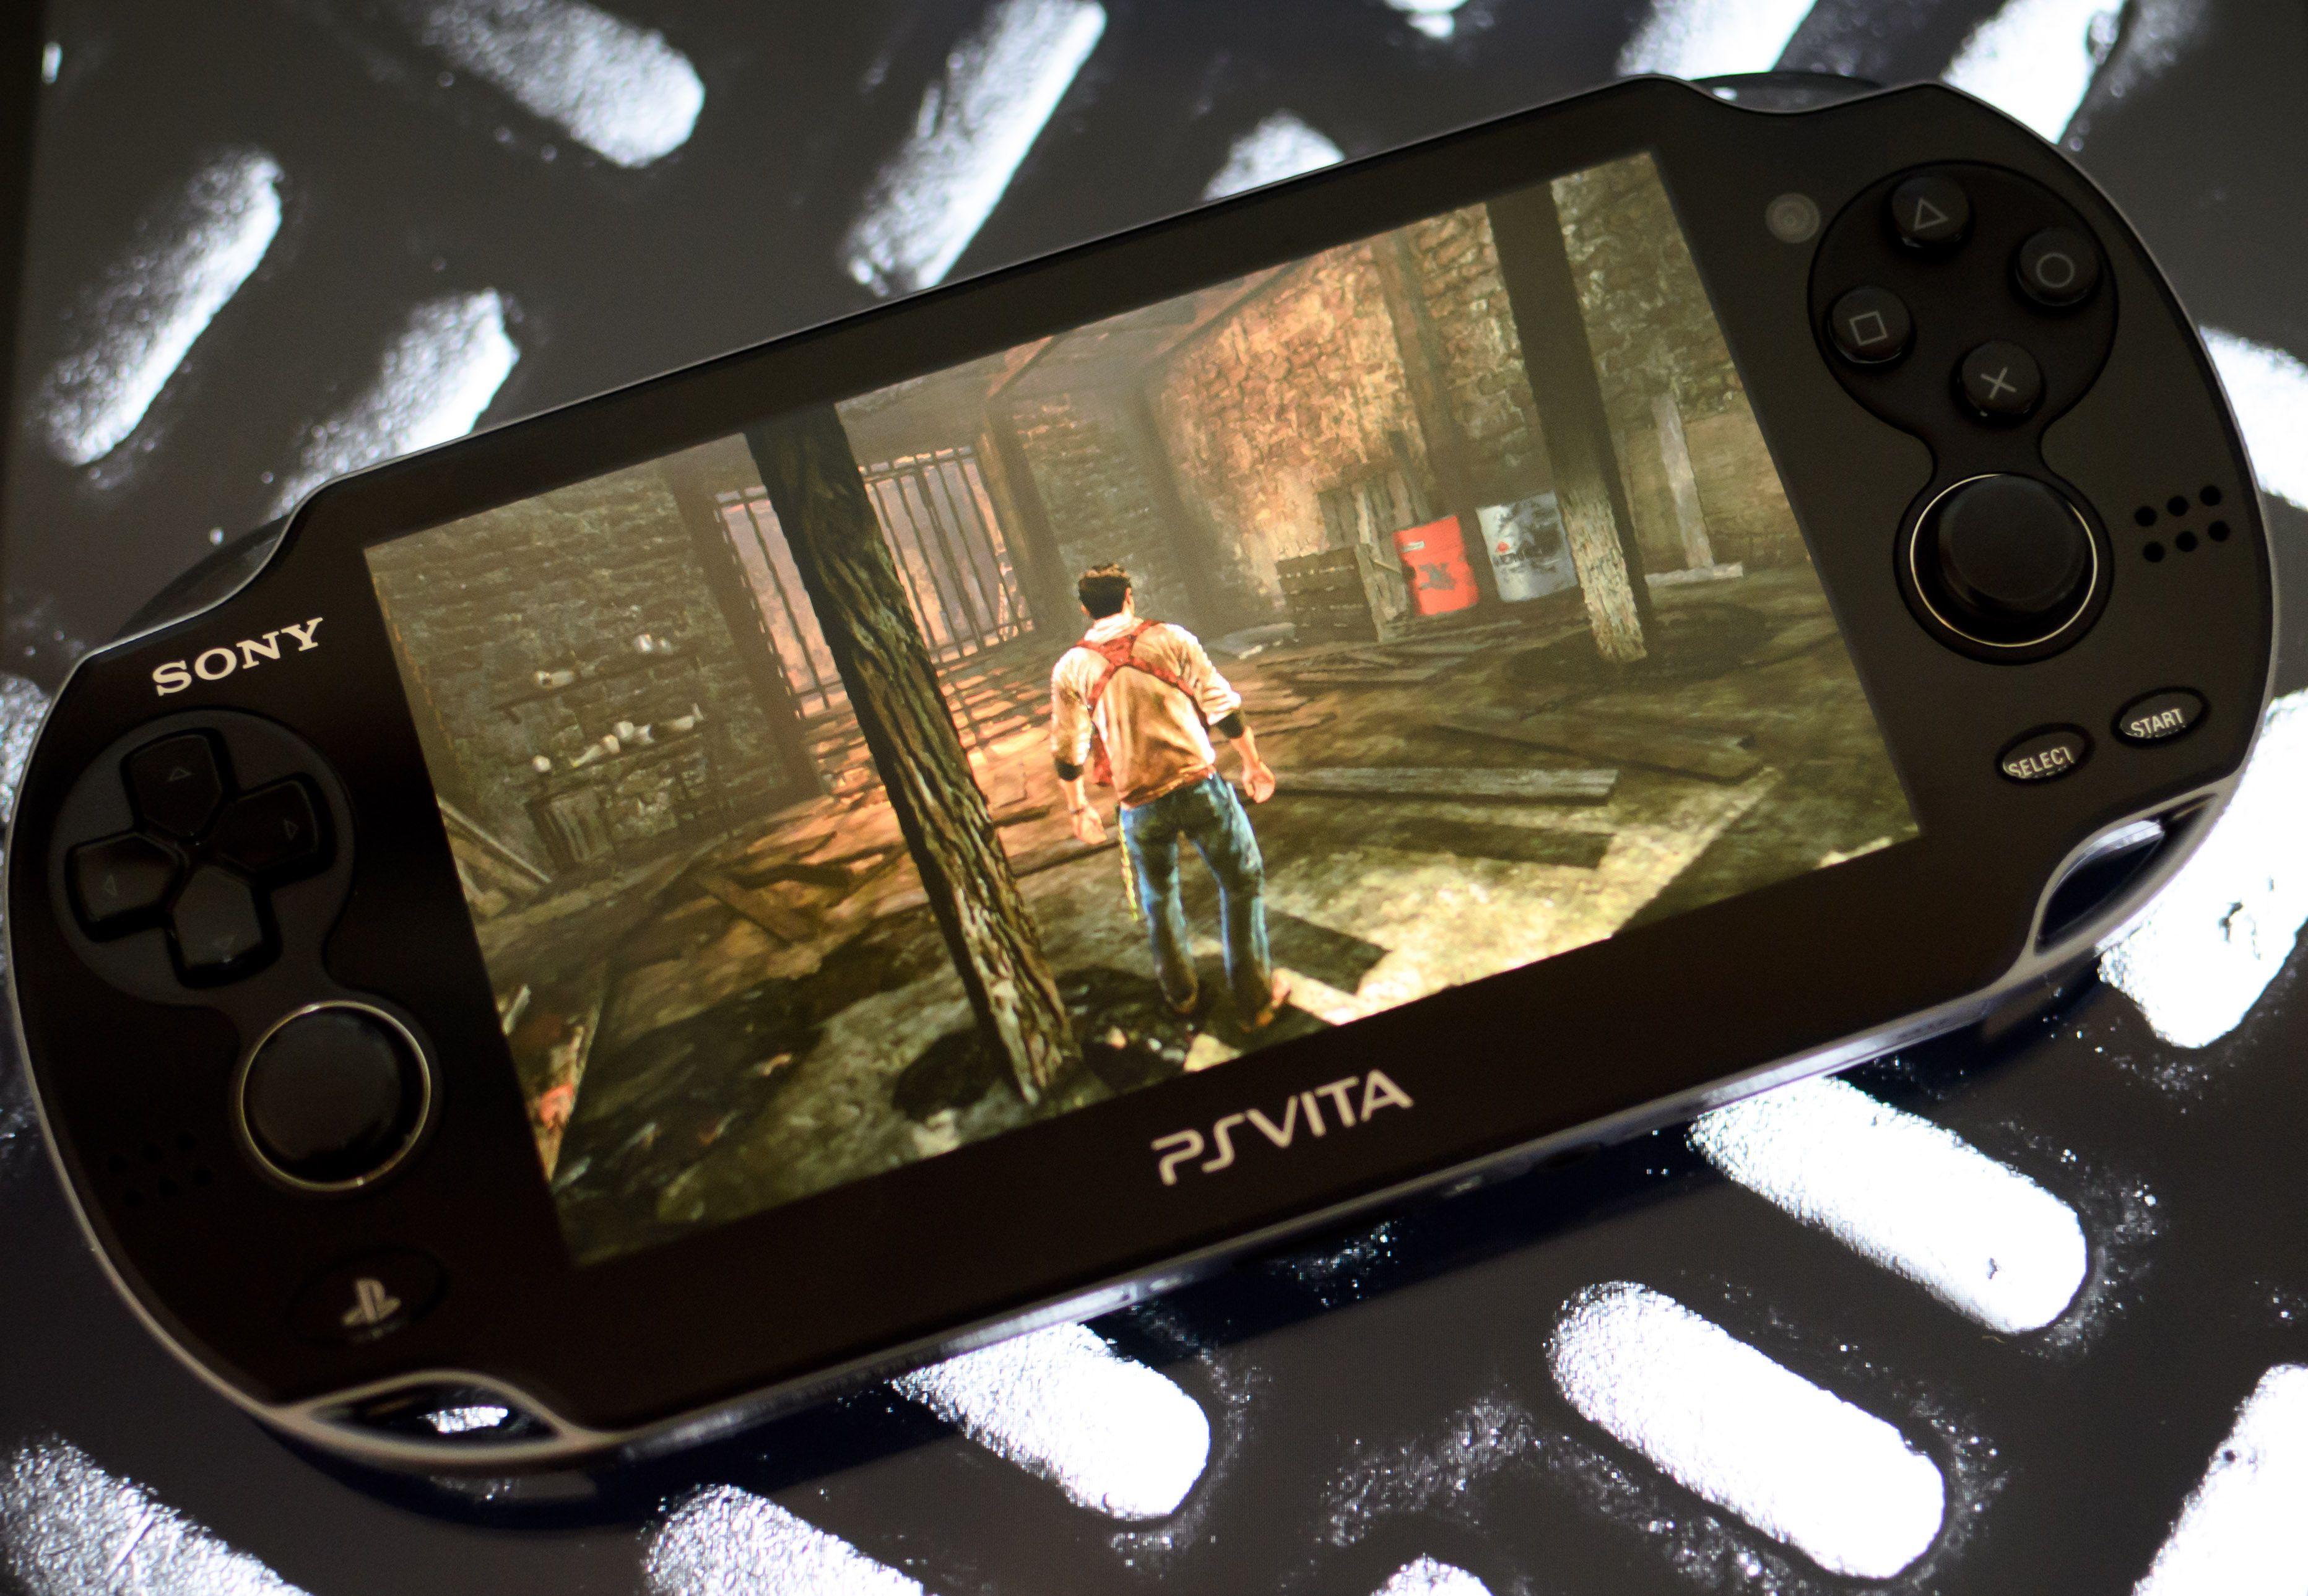 Эмулятор PS Vita уже может запускать некоторые homebrew-приложения